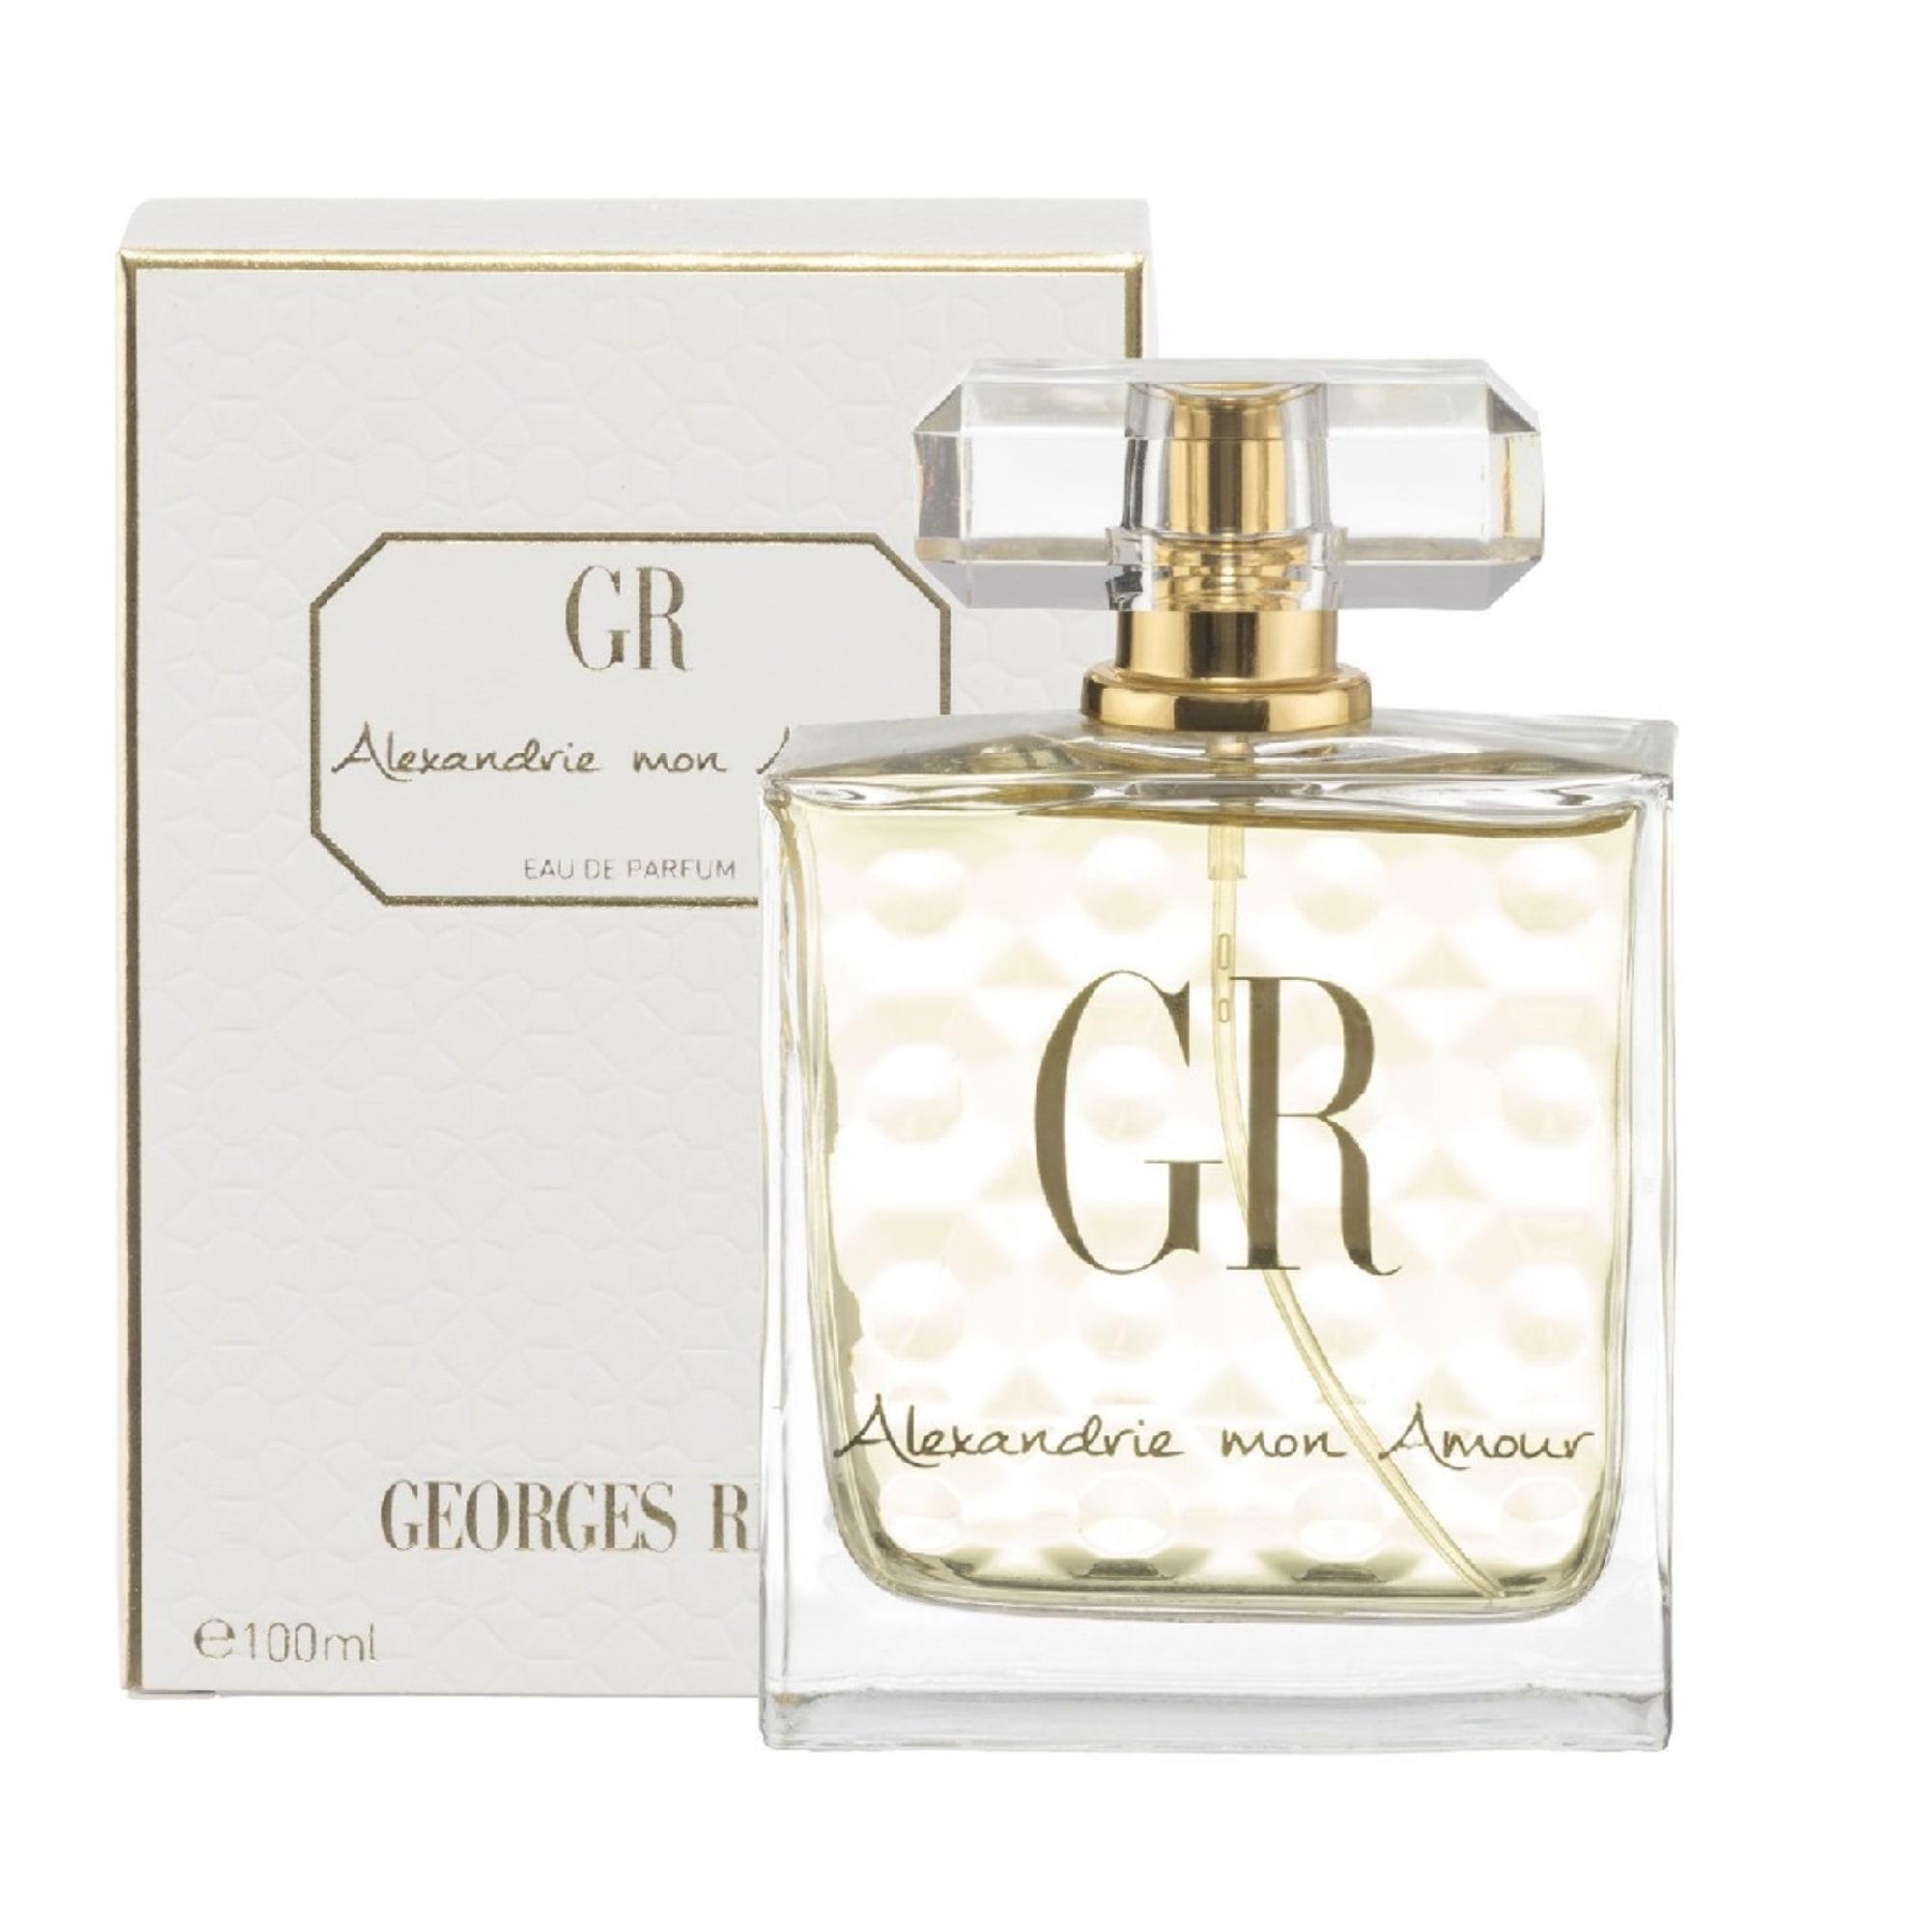 Eau De Parfum Georges Rech 5084571